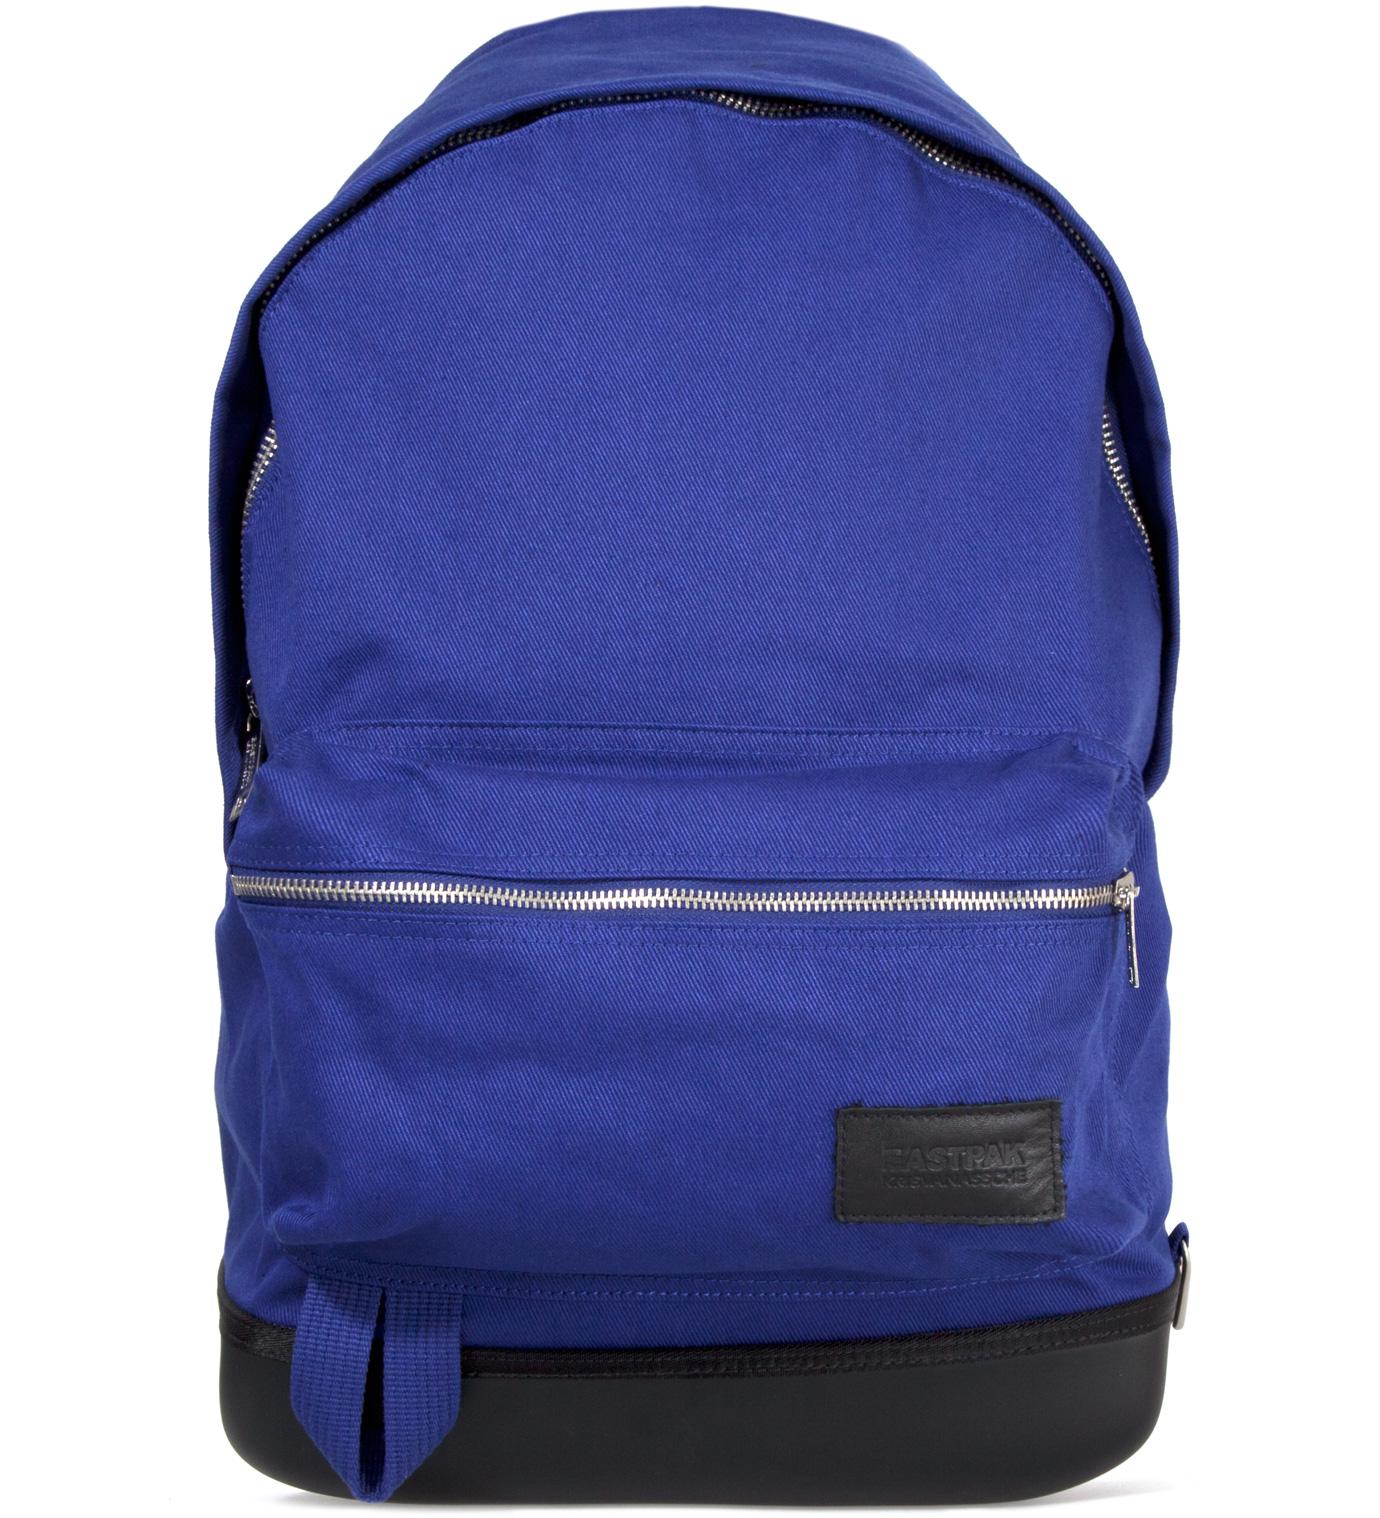 KRISVANASSCHE Eastpak KRISVANASSCHE Blue Cotton Backpack